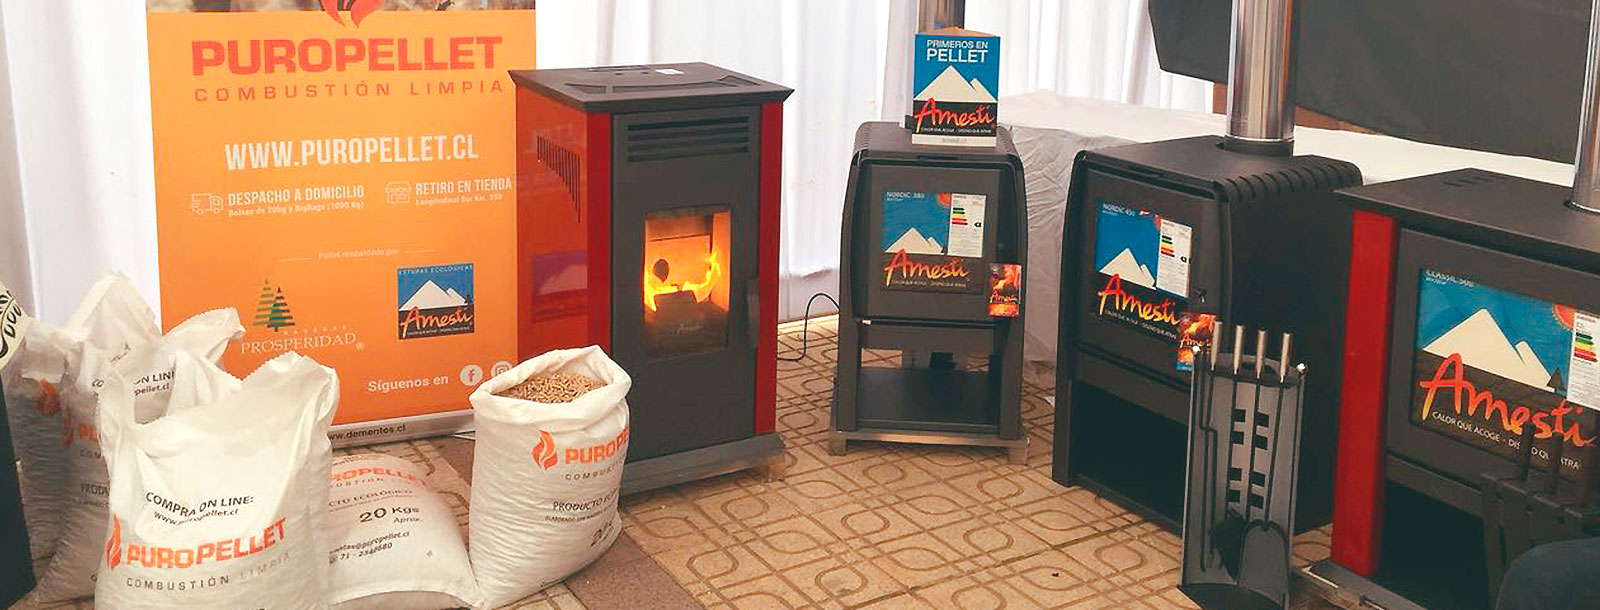 Puro Pellet: Prevenir para disfrutar, la clave para lograr el mayor calor de hogar en invierno